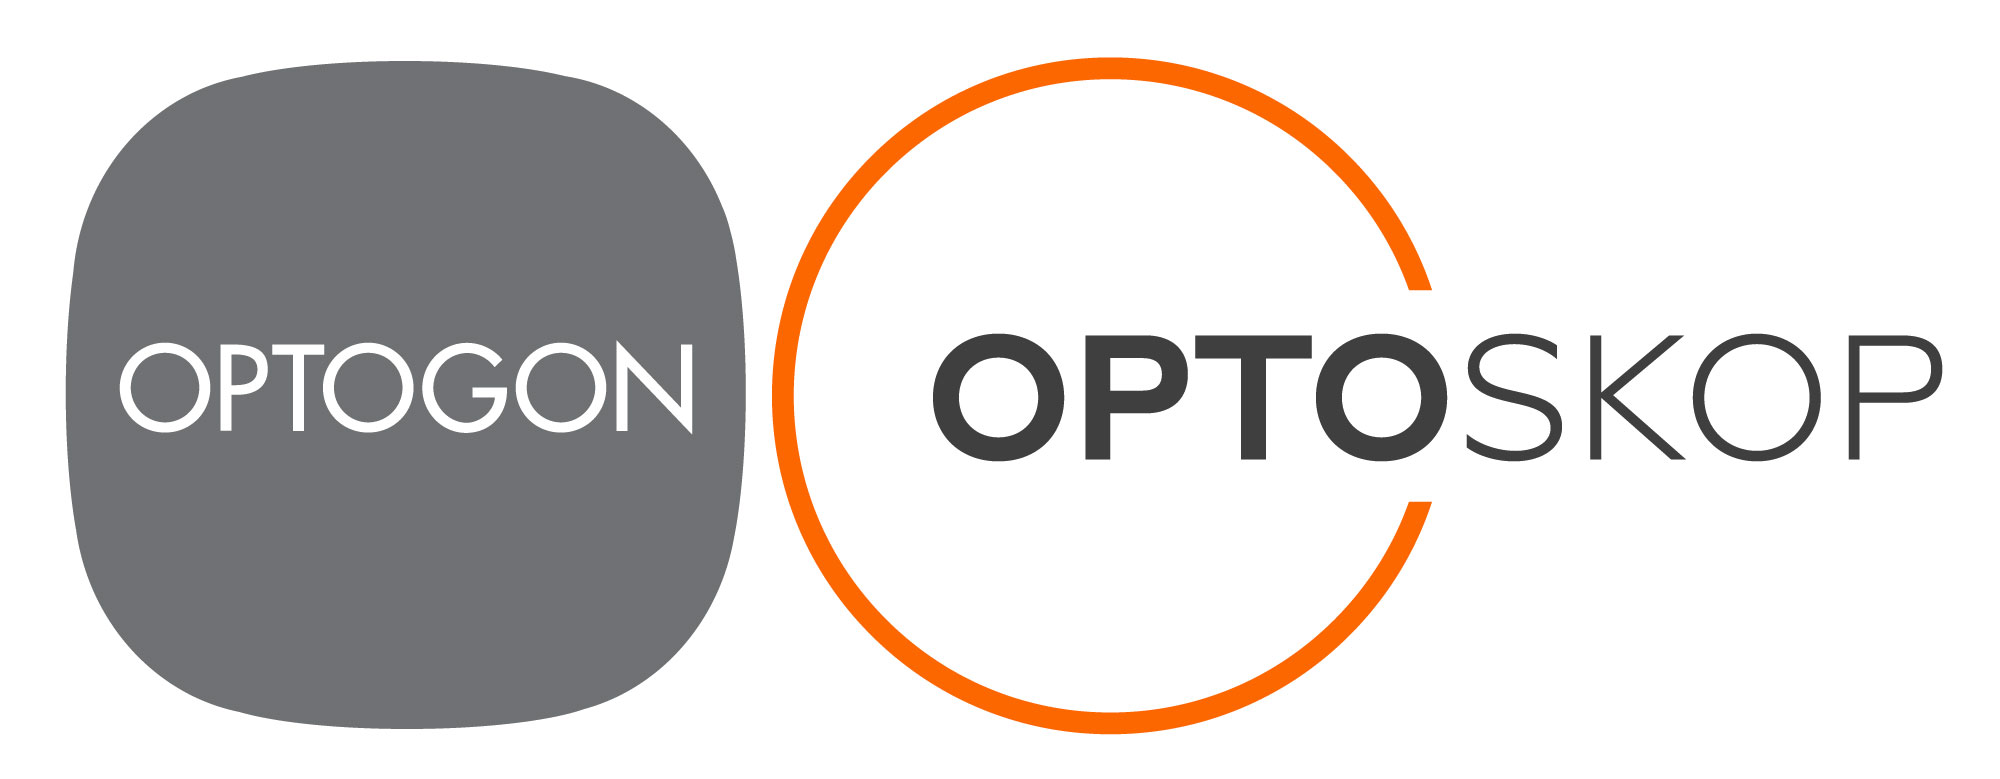 Das OptoSkop von OPTOGON